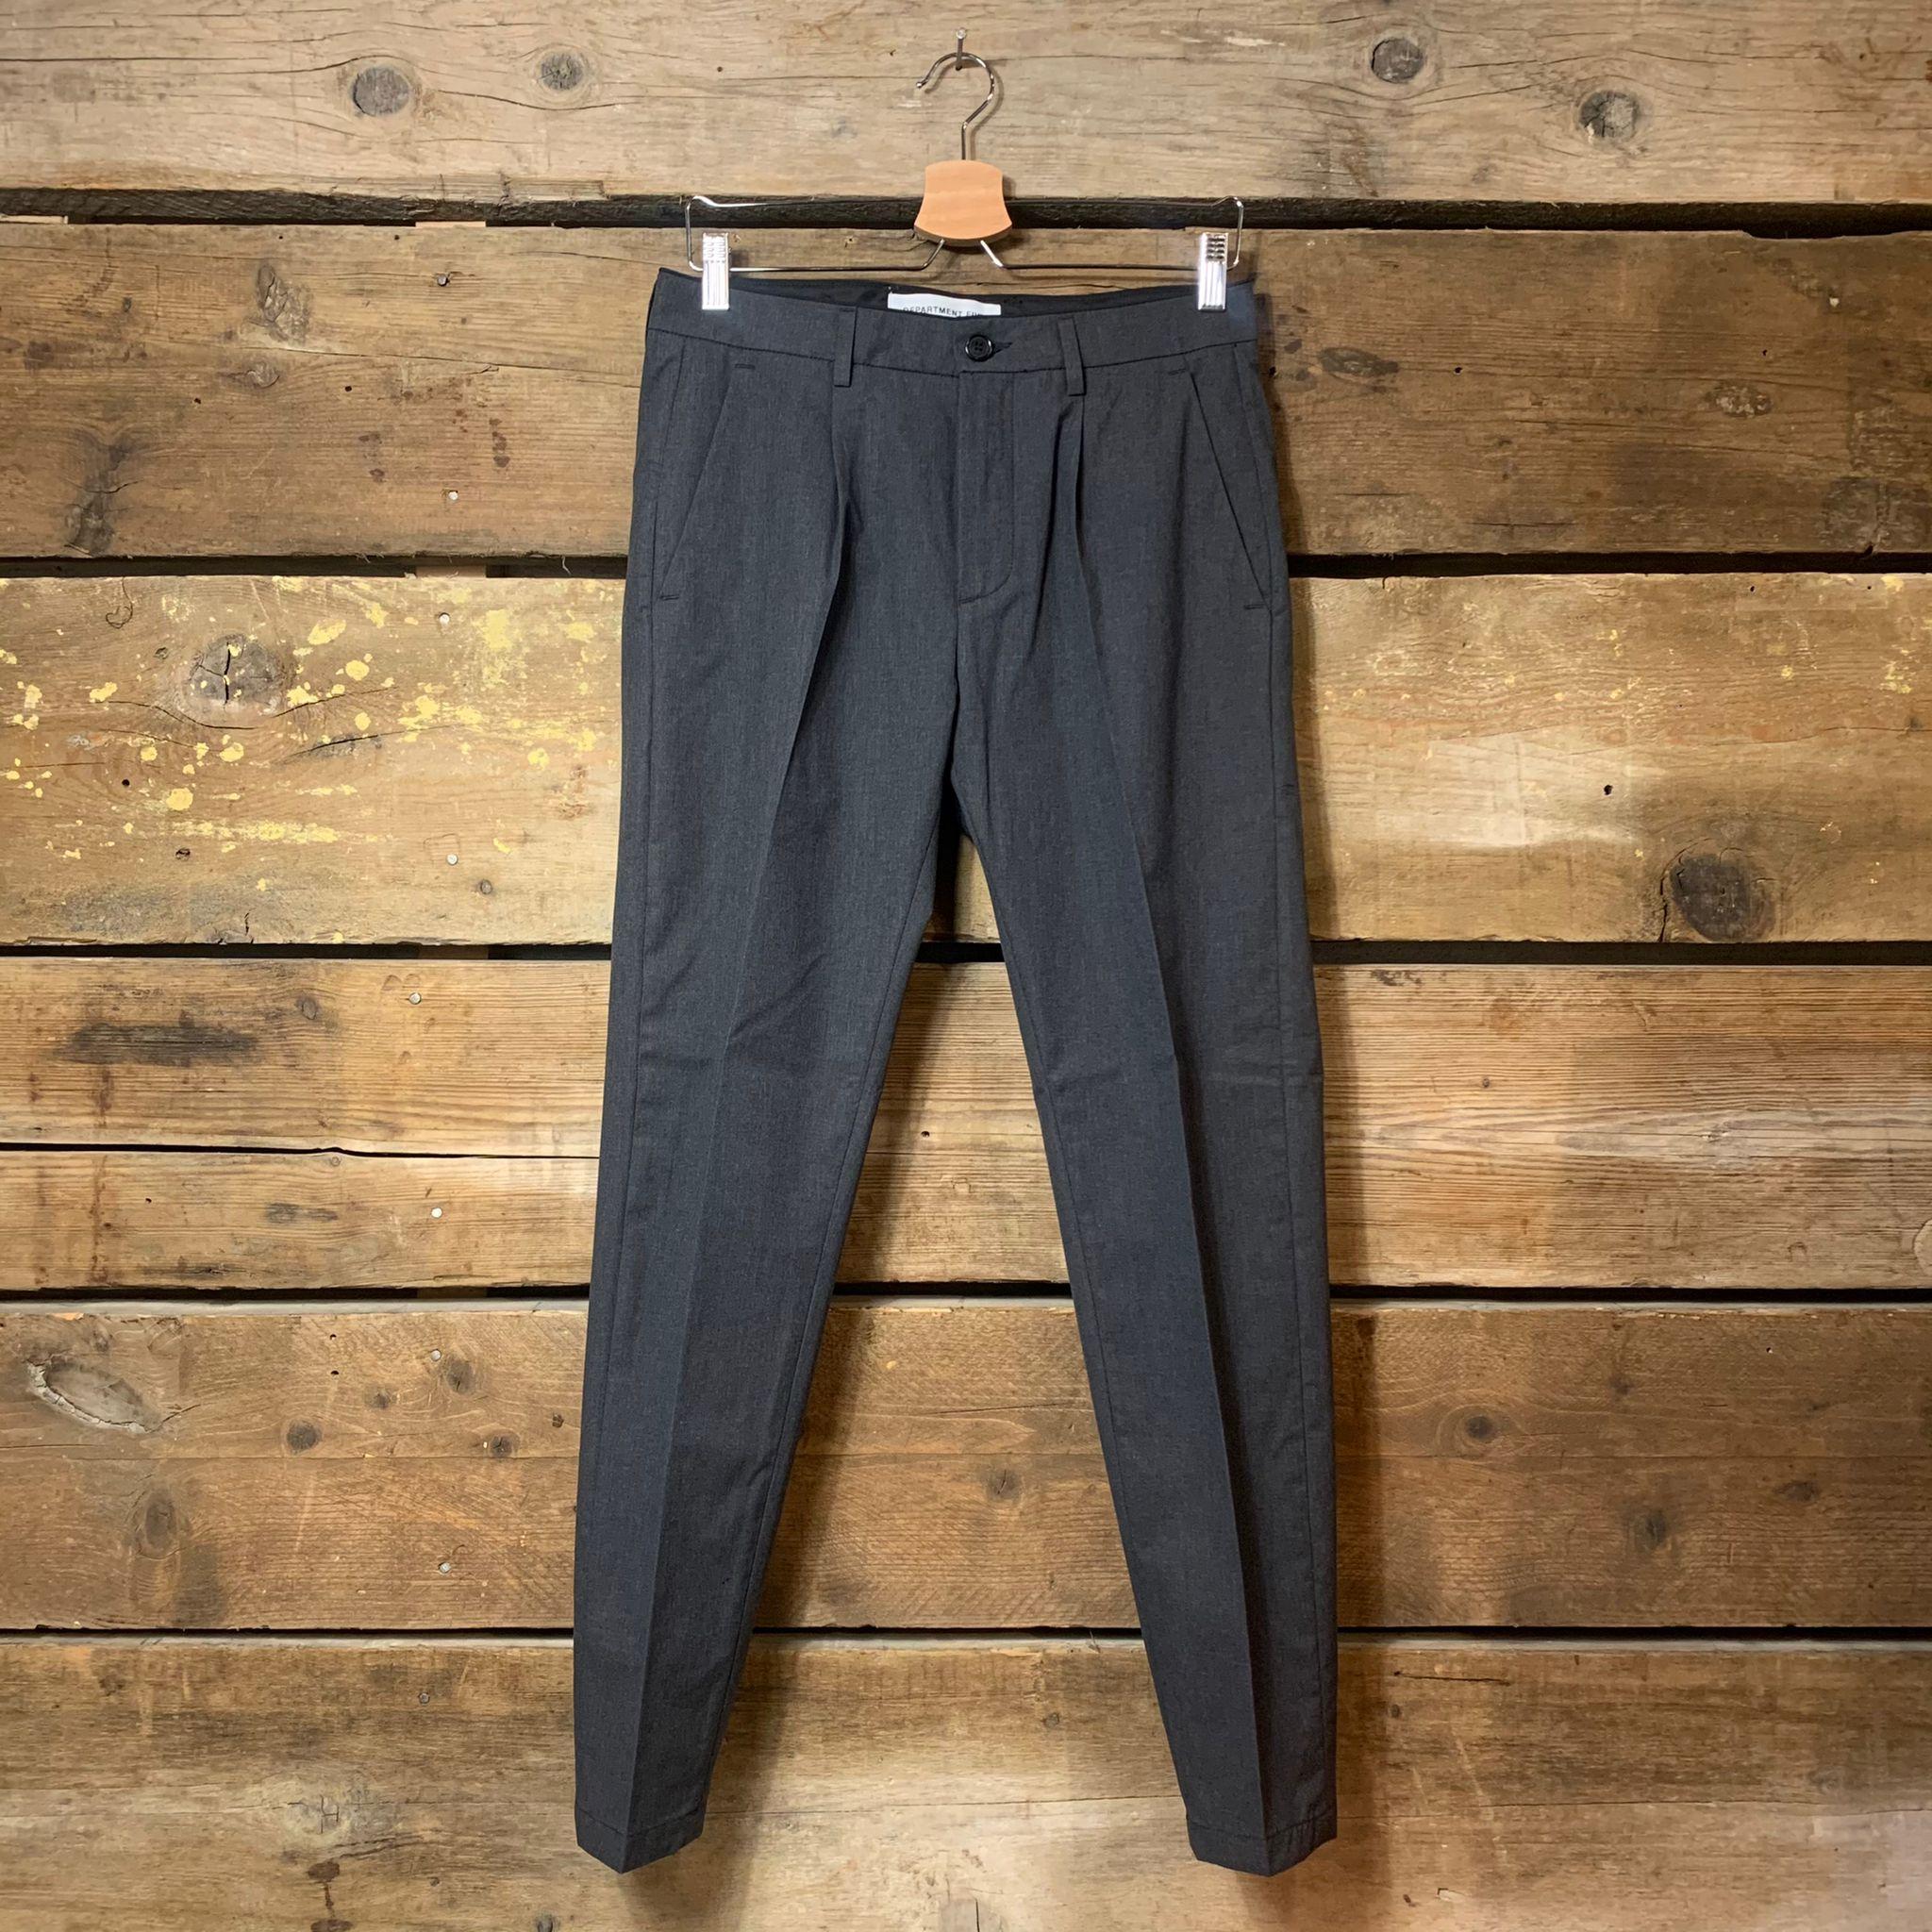 Pantalone Department 5 Uomo Prince Pences Chinos Antracite 100% Cotone